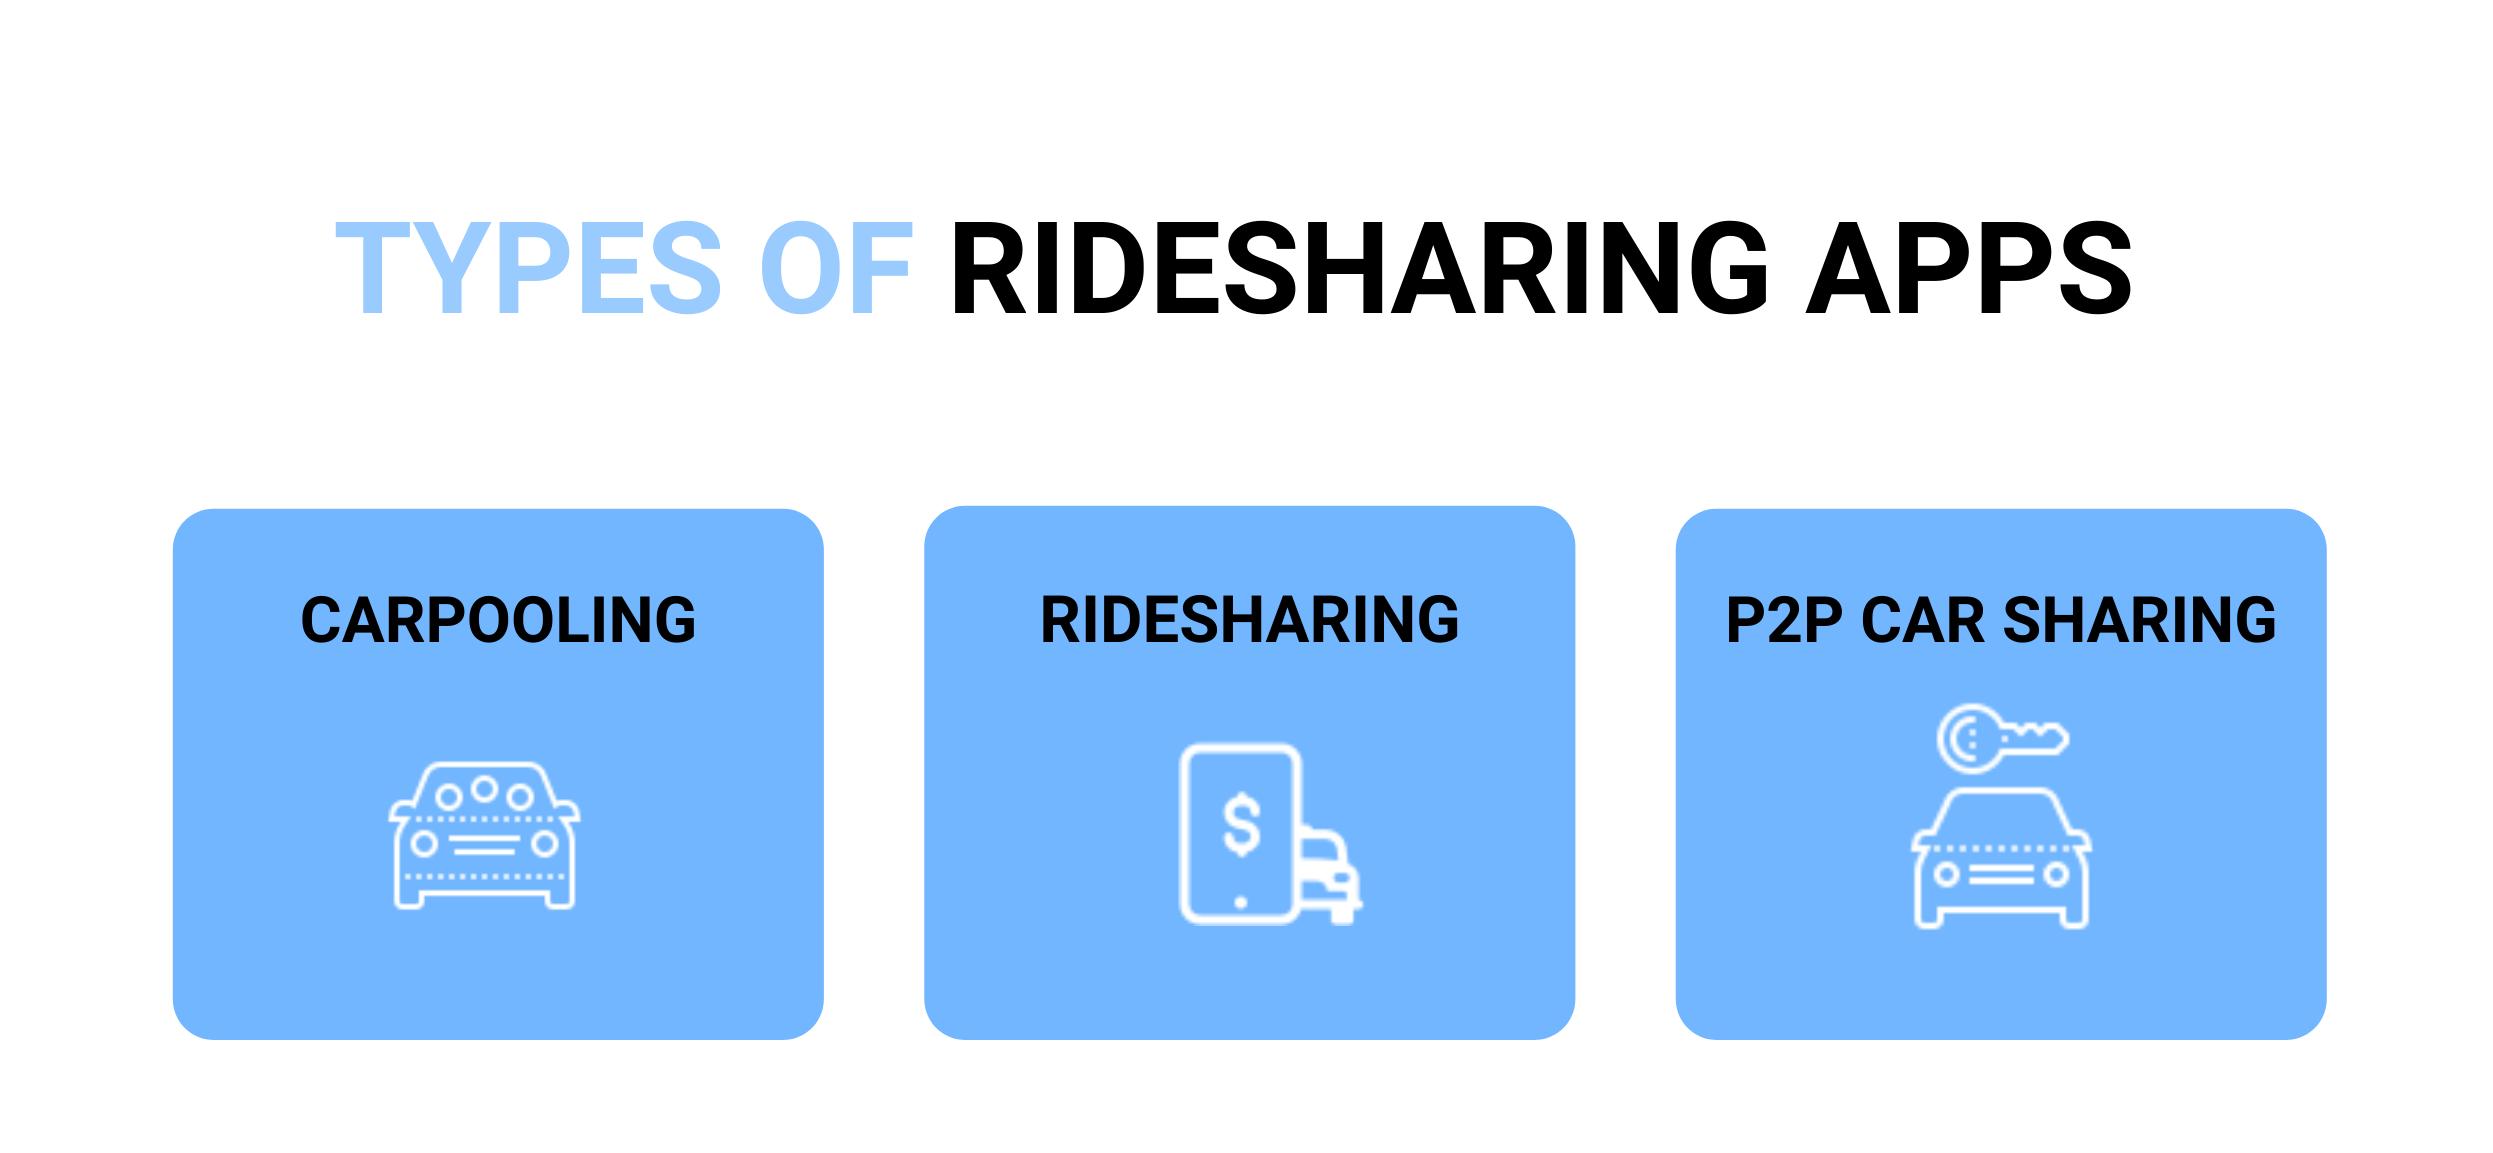 Types of ridesharing app